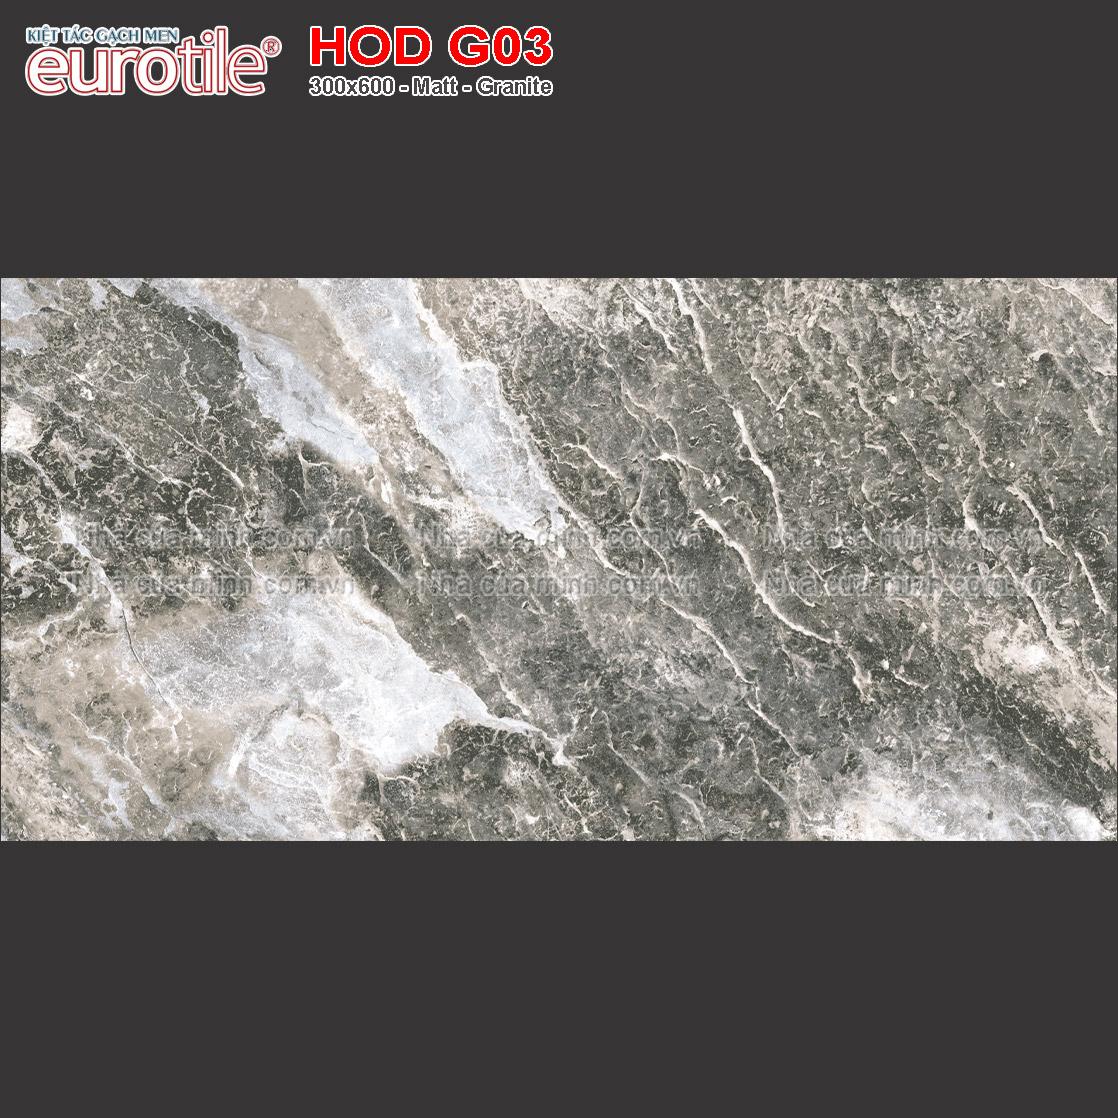 Gạch ốp lát 300x600 Eurotile Hoa Đá HOD G03 giá rẻ